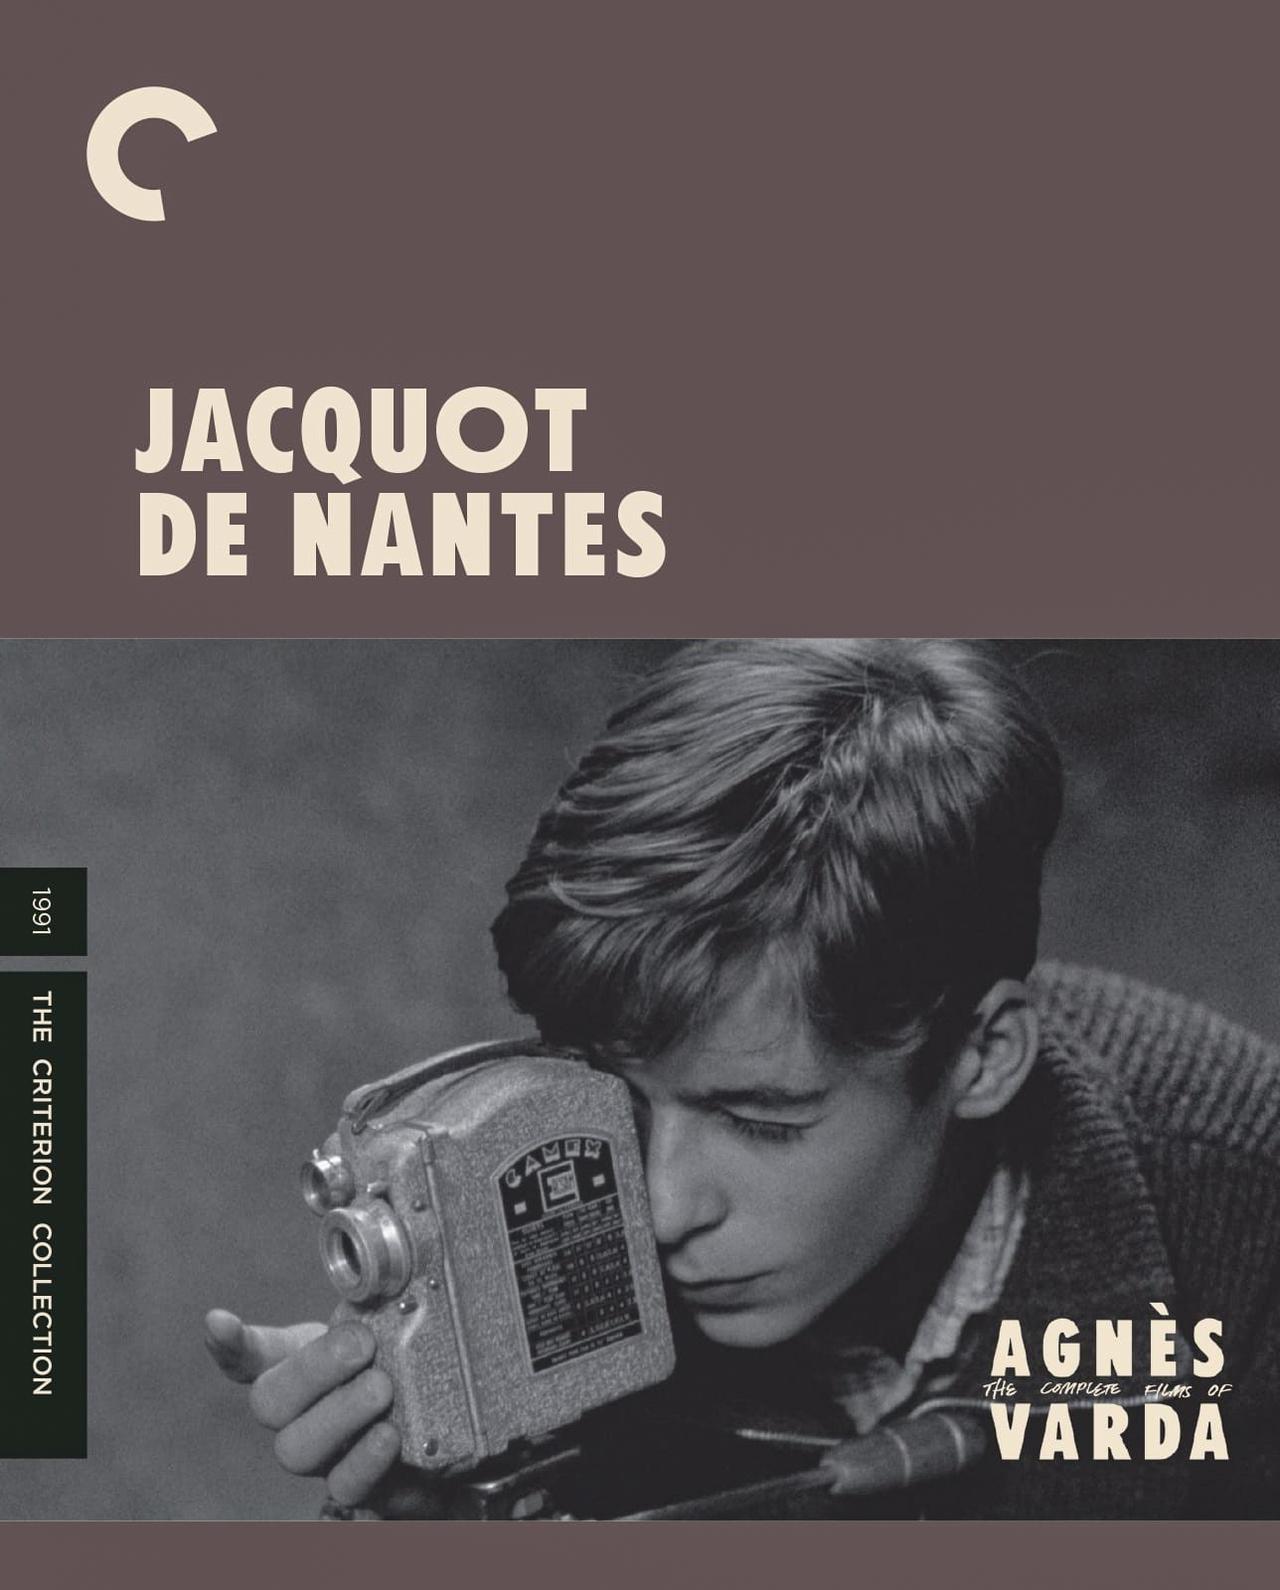 画像: JACQUOT DE NANTES (1991) ジャック・ドゥミの少年期